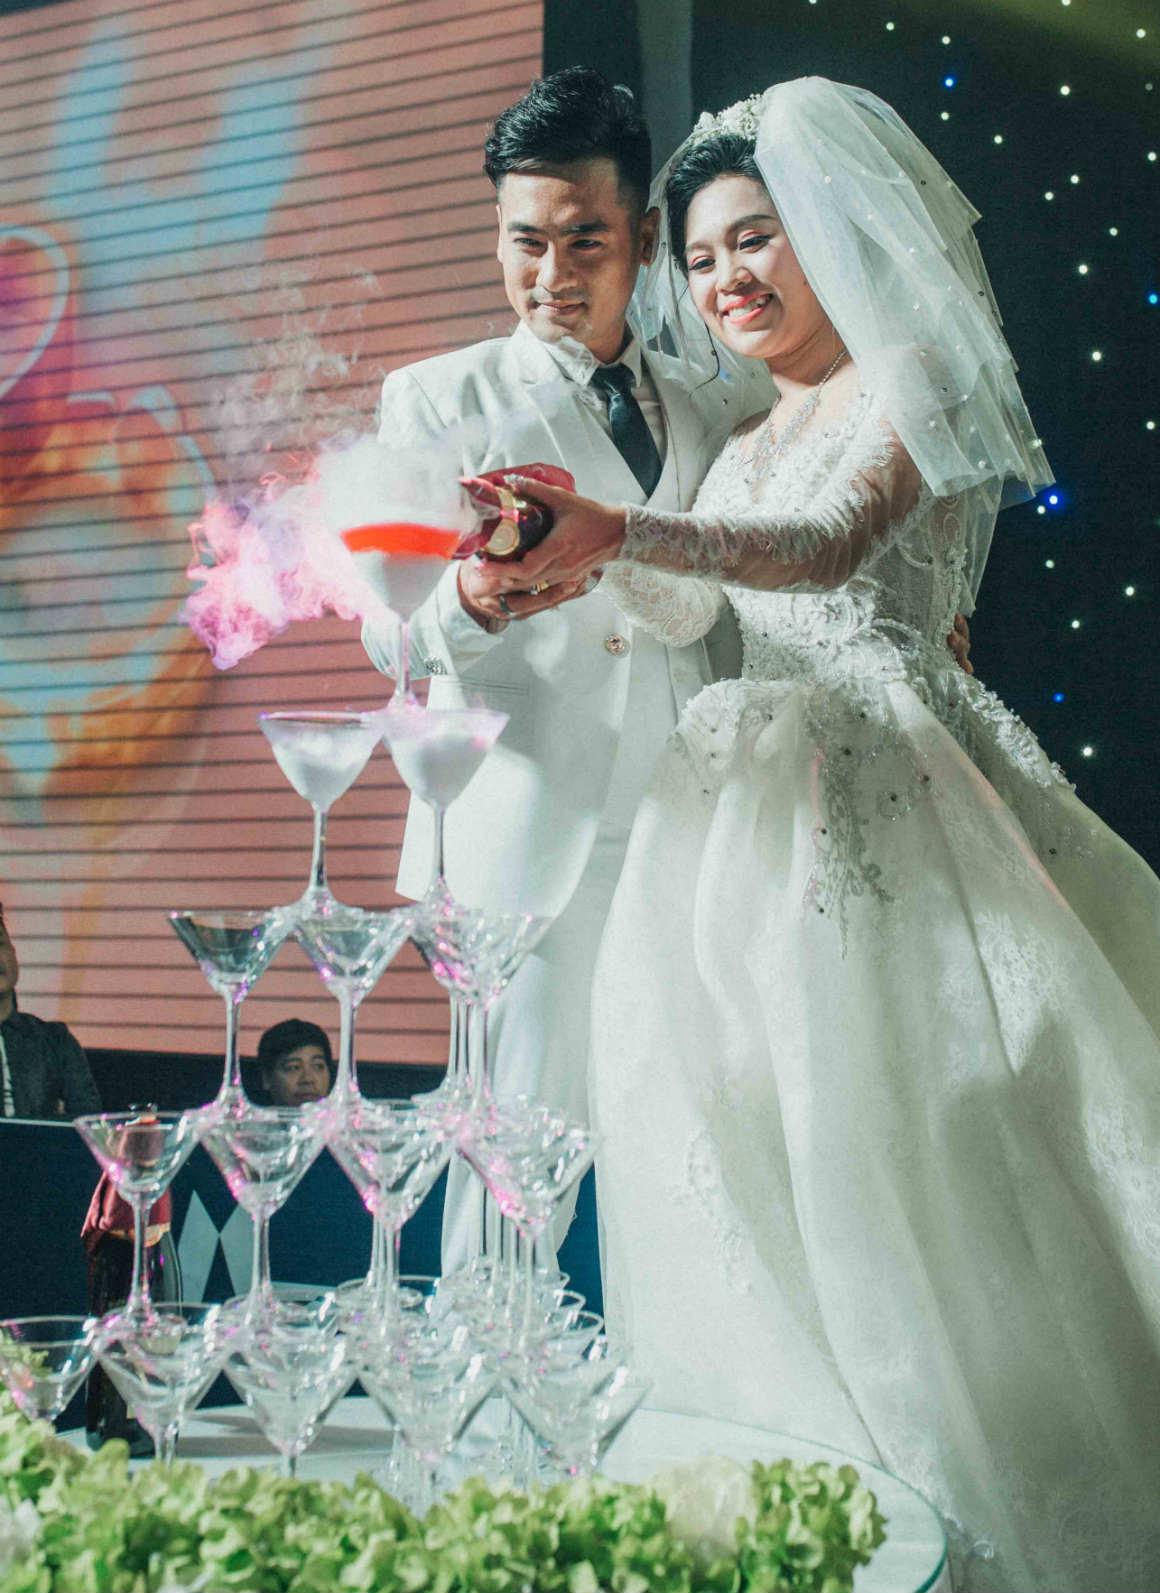 Nghệ sĩ cải lương đình đám Vũ Linh tái ngộ Thoại Mỹ trong đám cưới cháu gái - 1